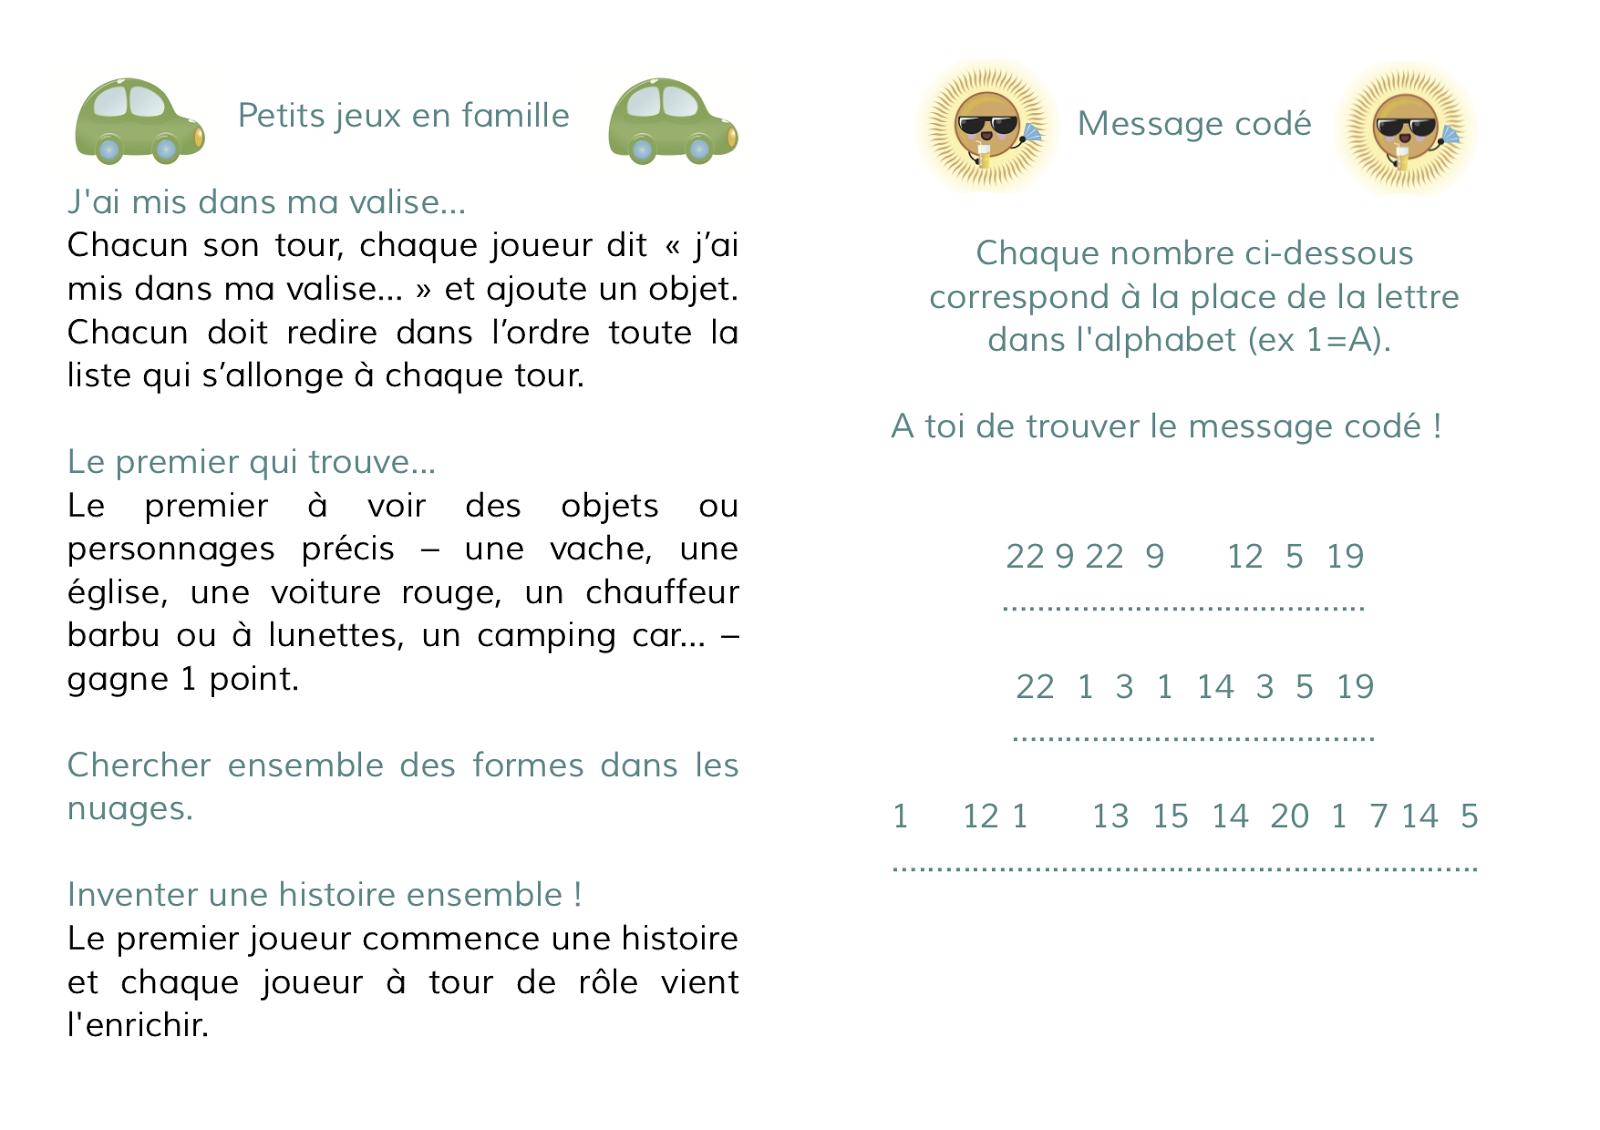 Coloriage à imprimer : Mariage de princesse Familiscope - Coloriage De Mariage A Imprimer Gratuit